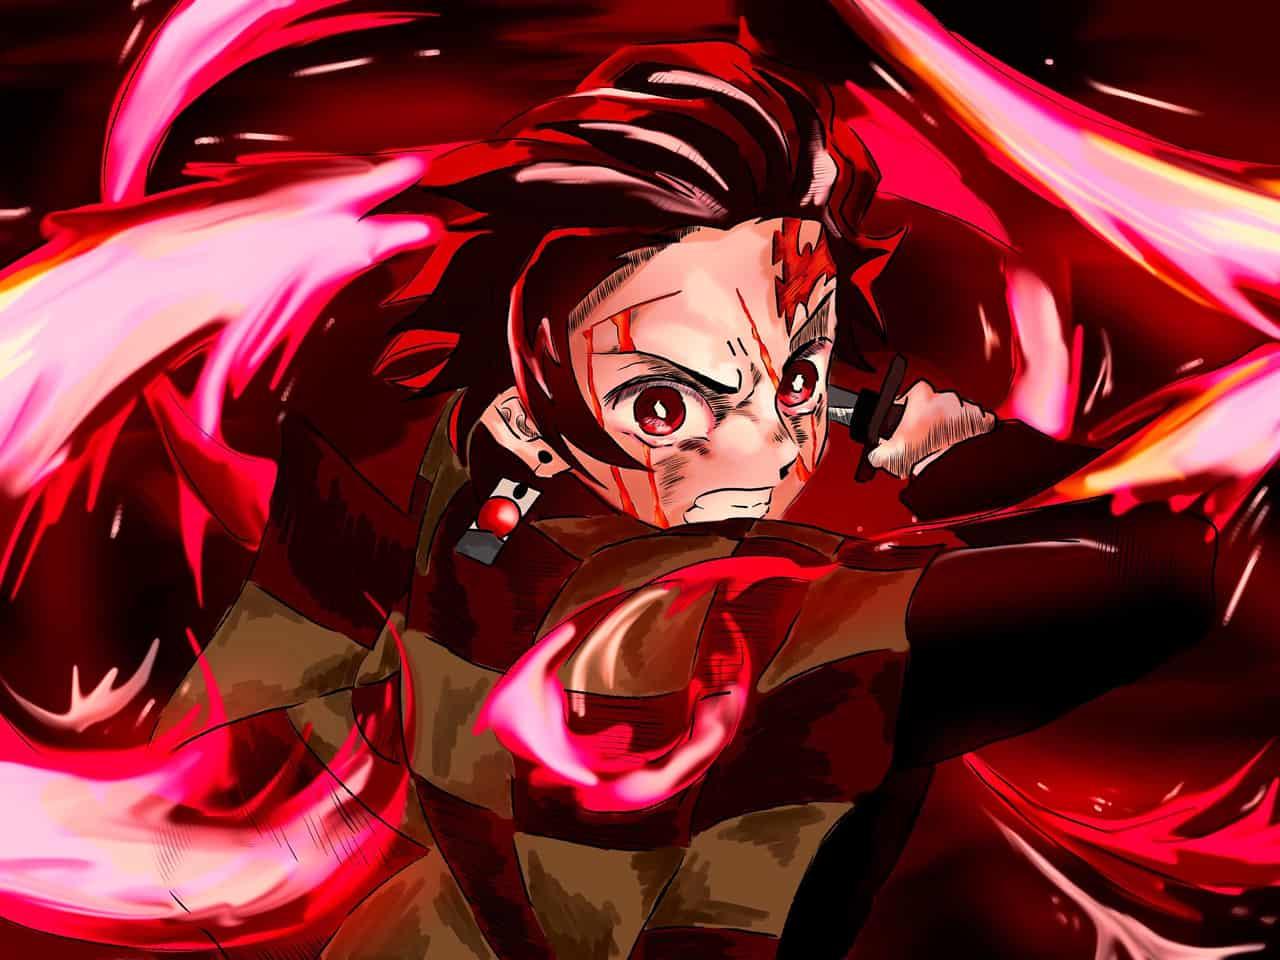 귀멸의 칼날 탄지로  Illust of Hanabii DemonSlayerFanartContest vampire KimetsunoYaiba anime KamadoTanjirou